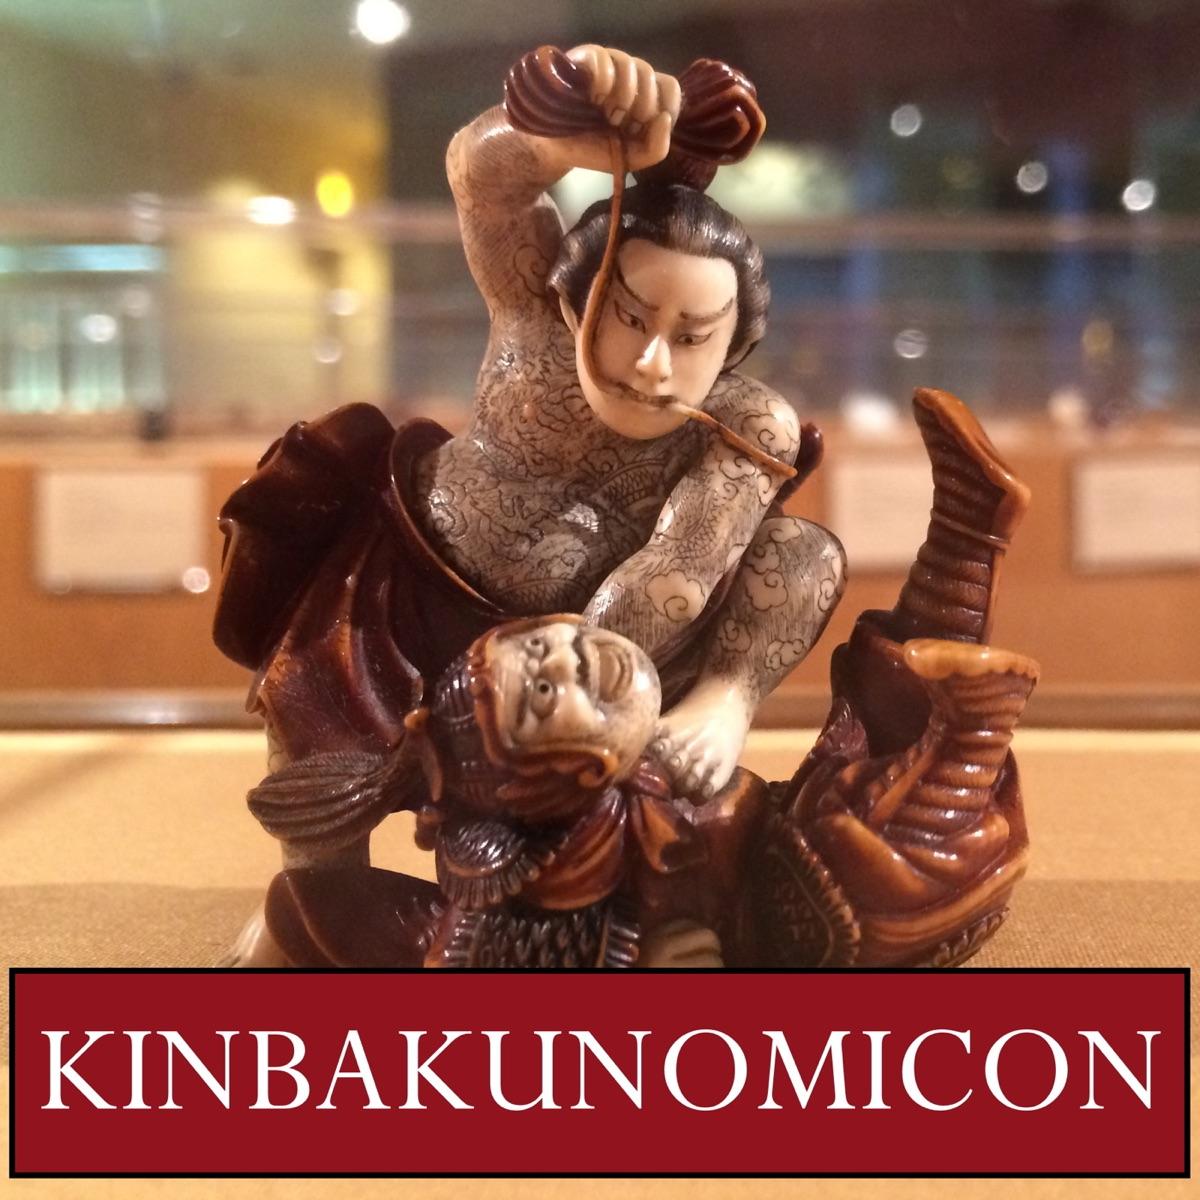 The Kinbakunomicon